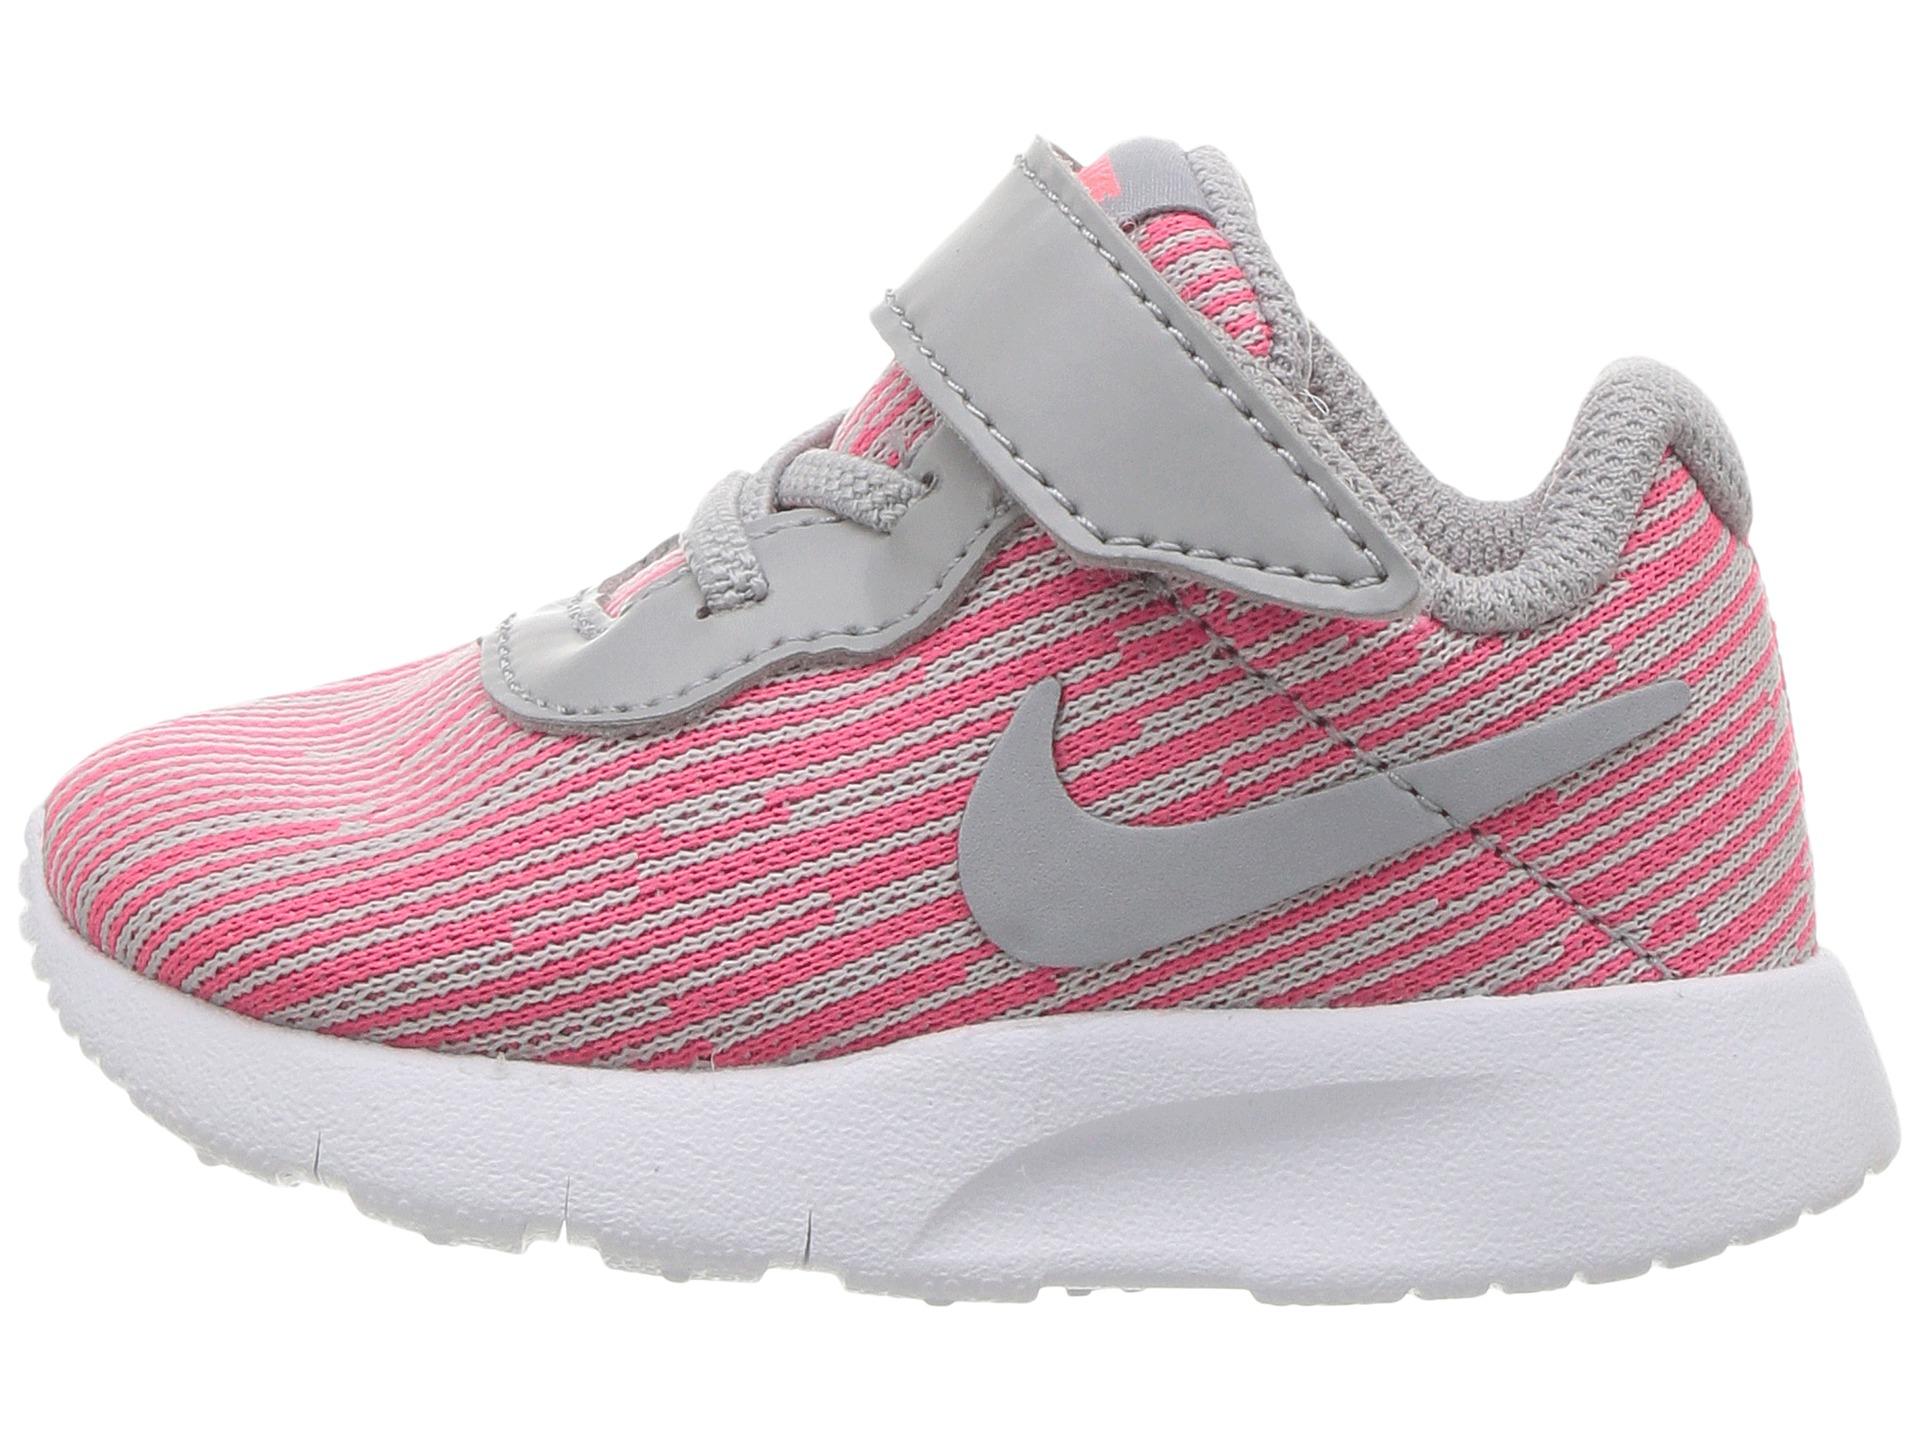 Nike Tanjun Se Toddler Girls Shoes